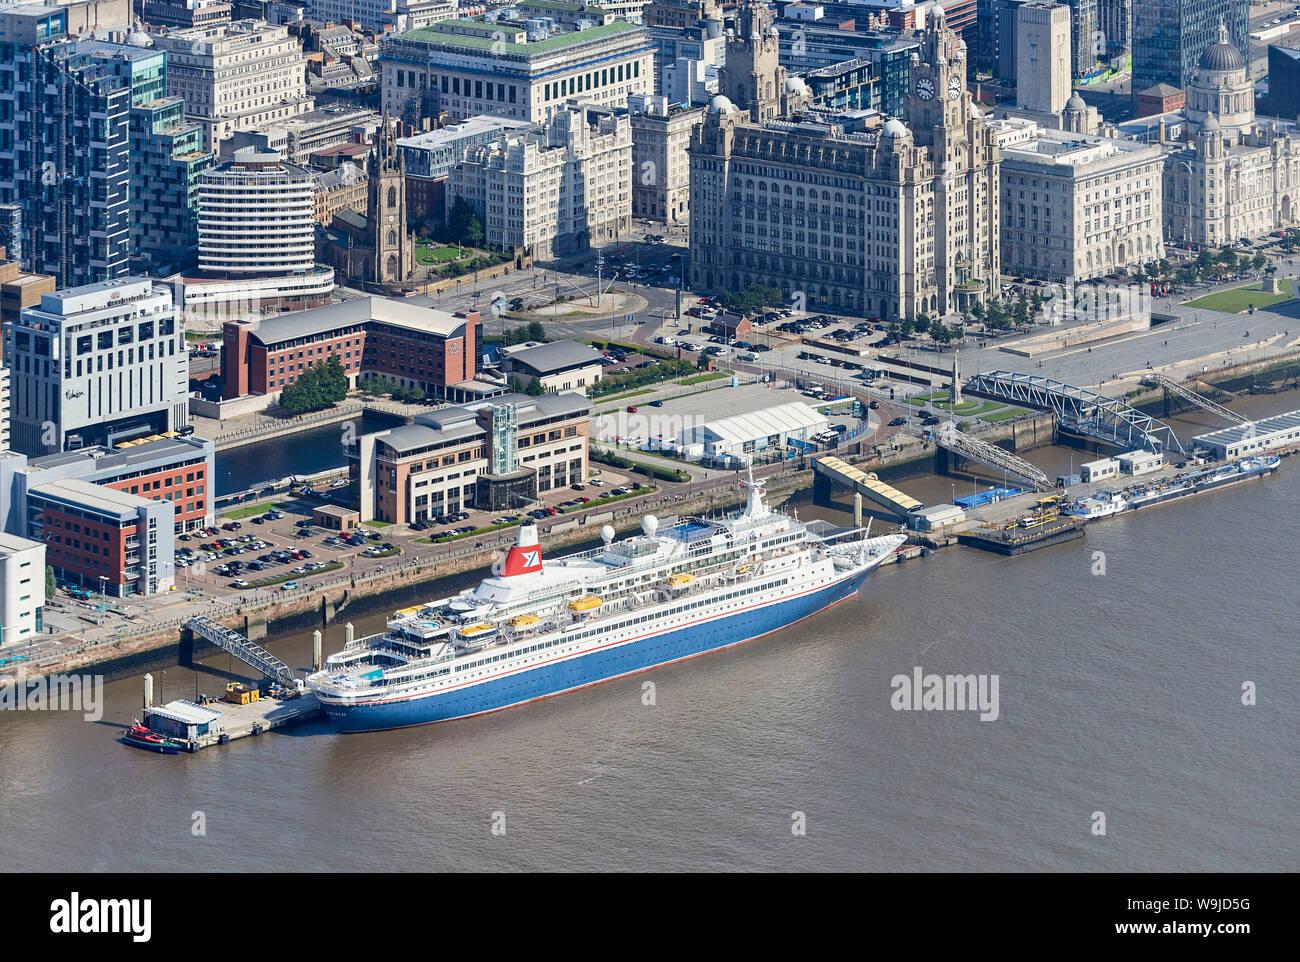 Una línea de Fred Olsen crucero, Black Watch y el Dazzle Mersey Ferry tomada desde el aire, Liverpool, Waterfront, el Noroeste de Inglaterra, Reino Unido. Foto de stock